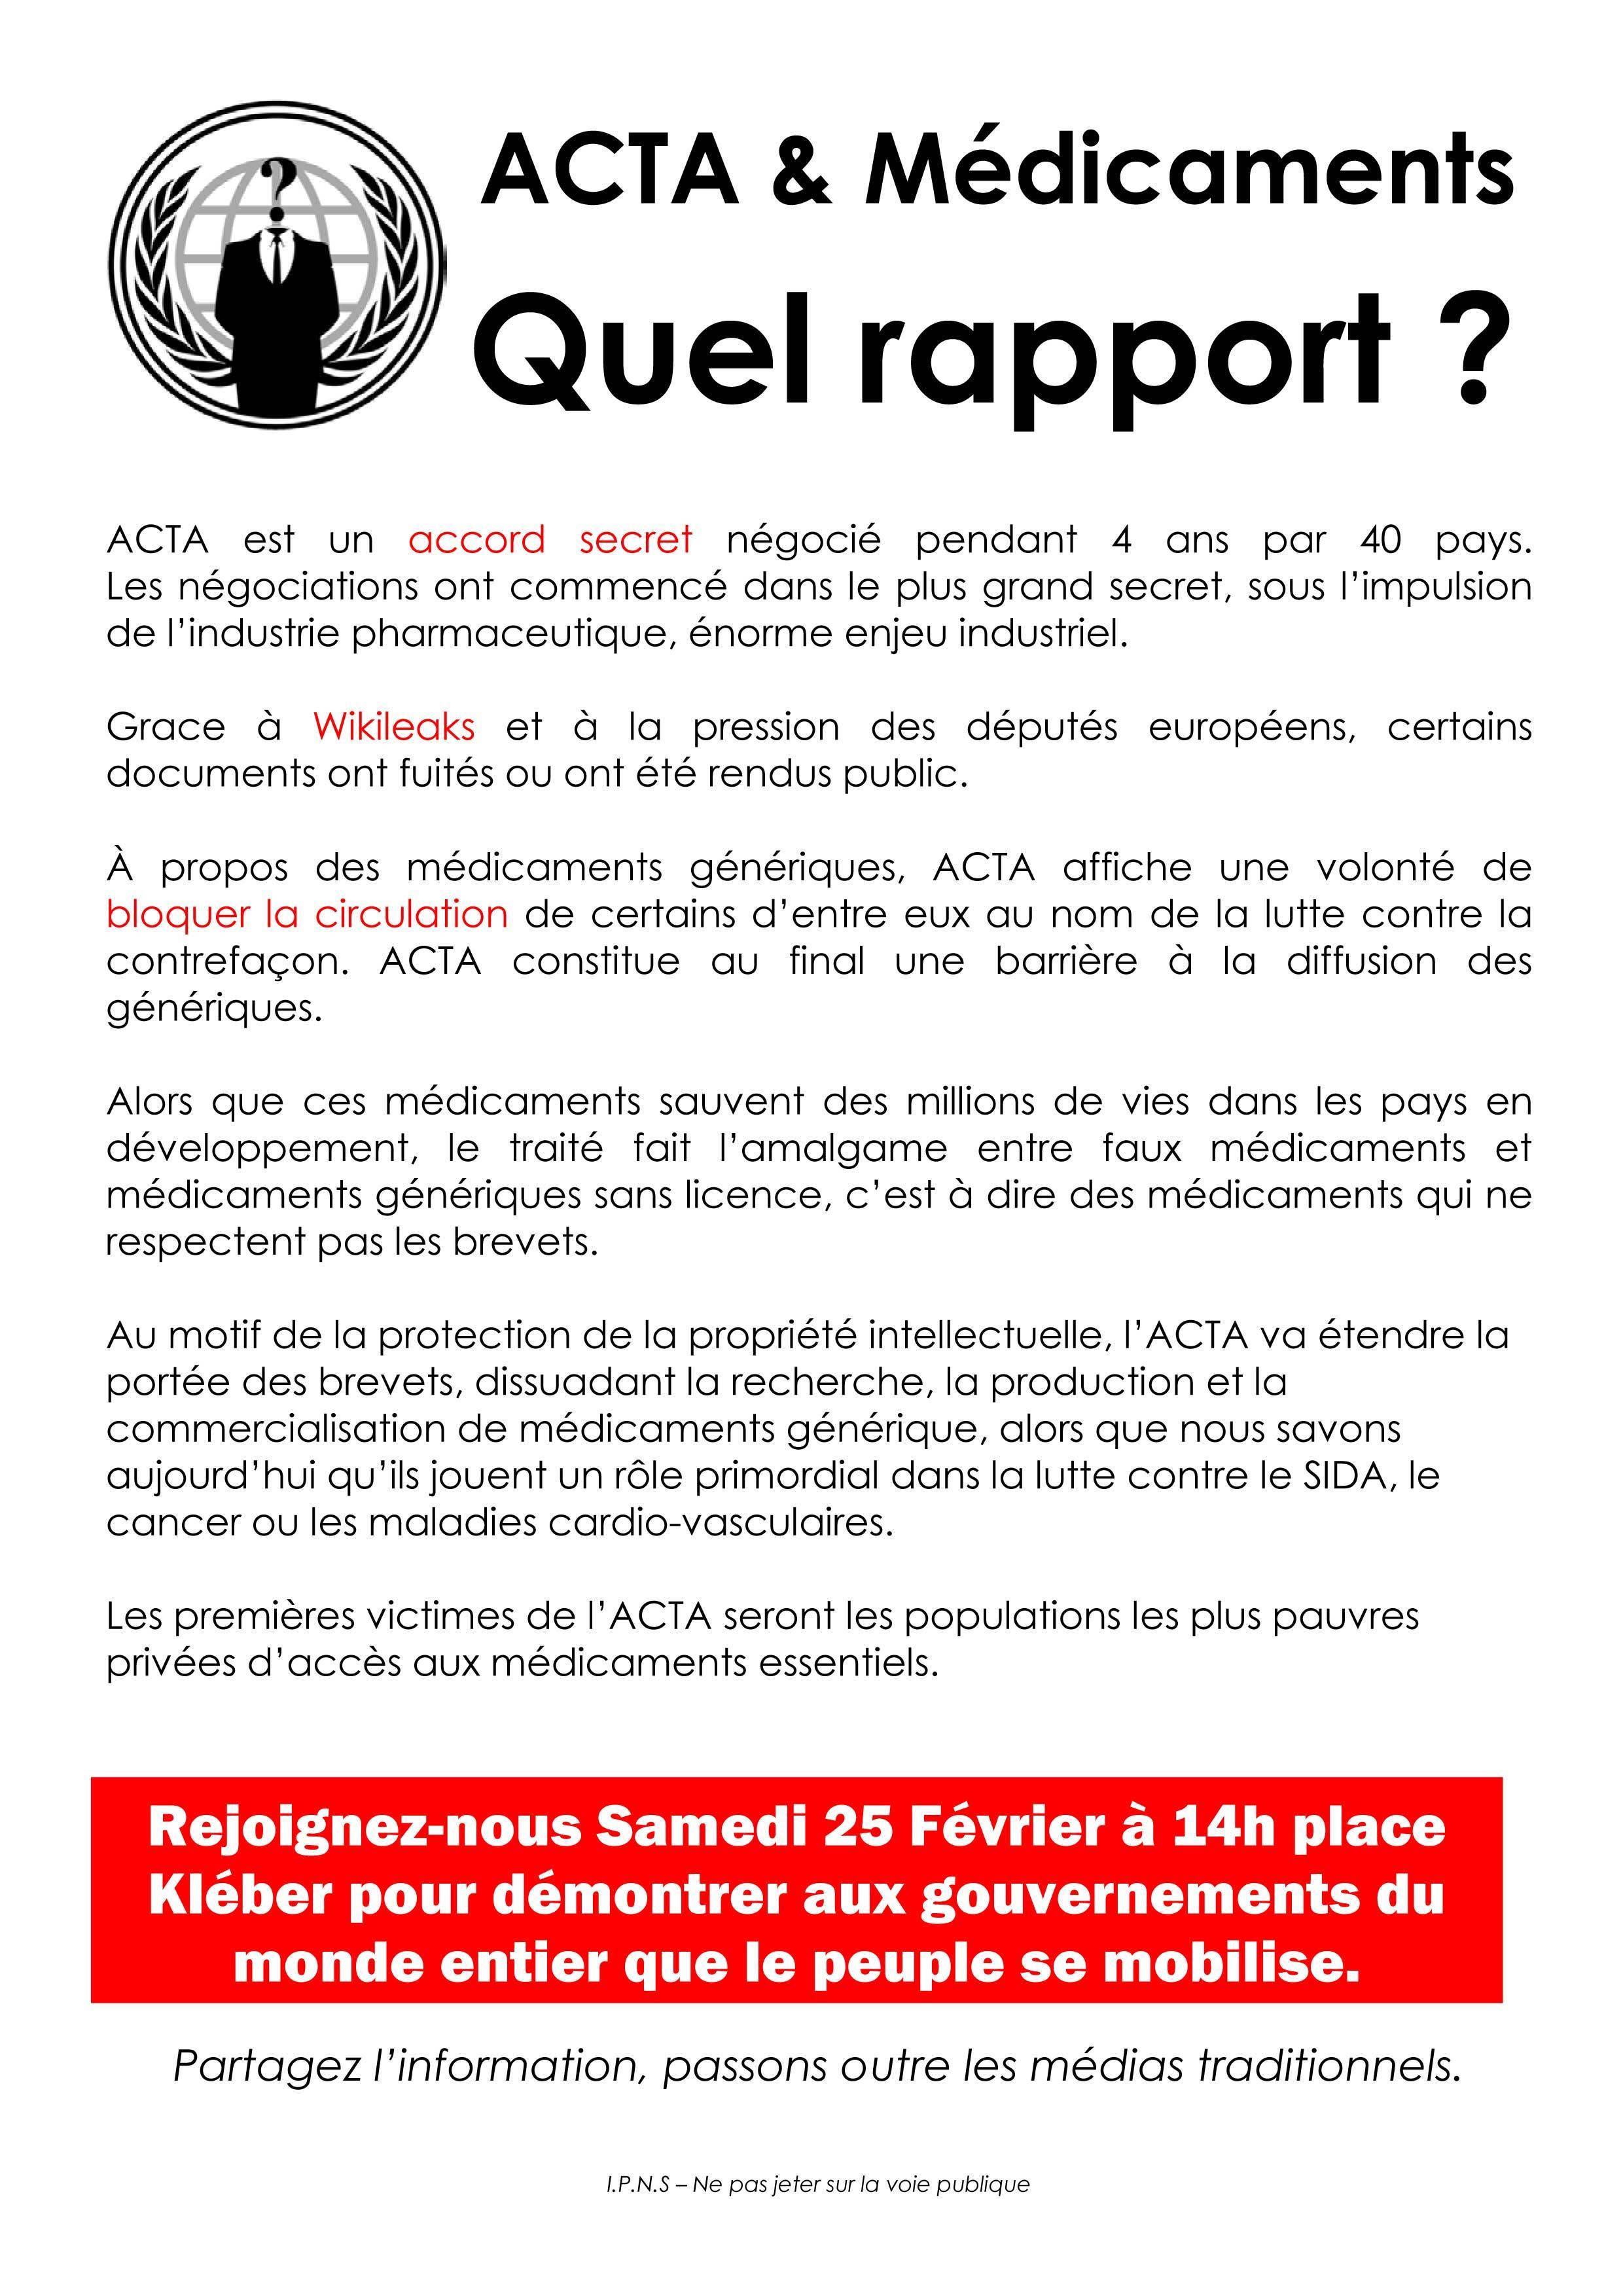 Stop ACTA !!  affiches - flyers  contre le traité #ACTA Mamdoaadl